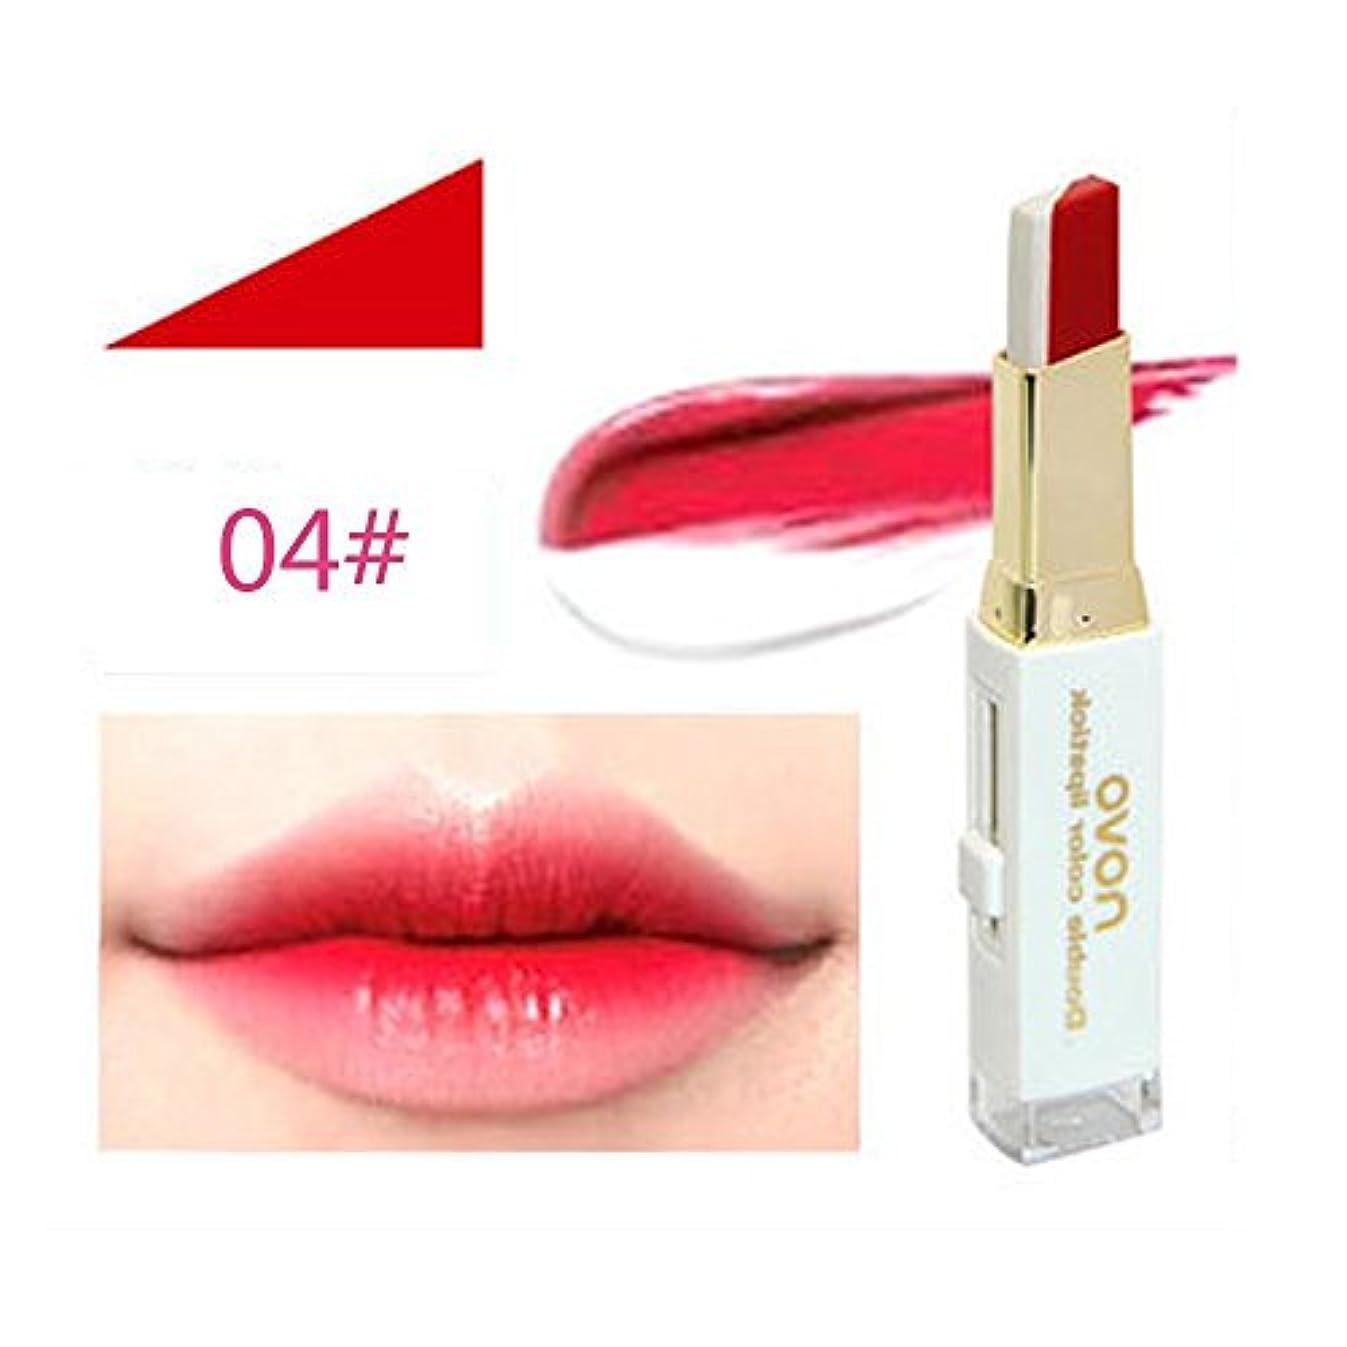 アミューズメントカセットフレッシュトーン ティント 変色リップ グラデーション 人気 口紅 立体感 唇ケア 落ちにくい リップバーム 3.8g 全8色 (04)